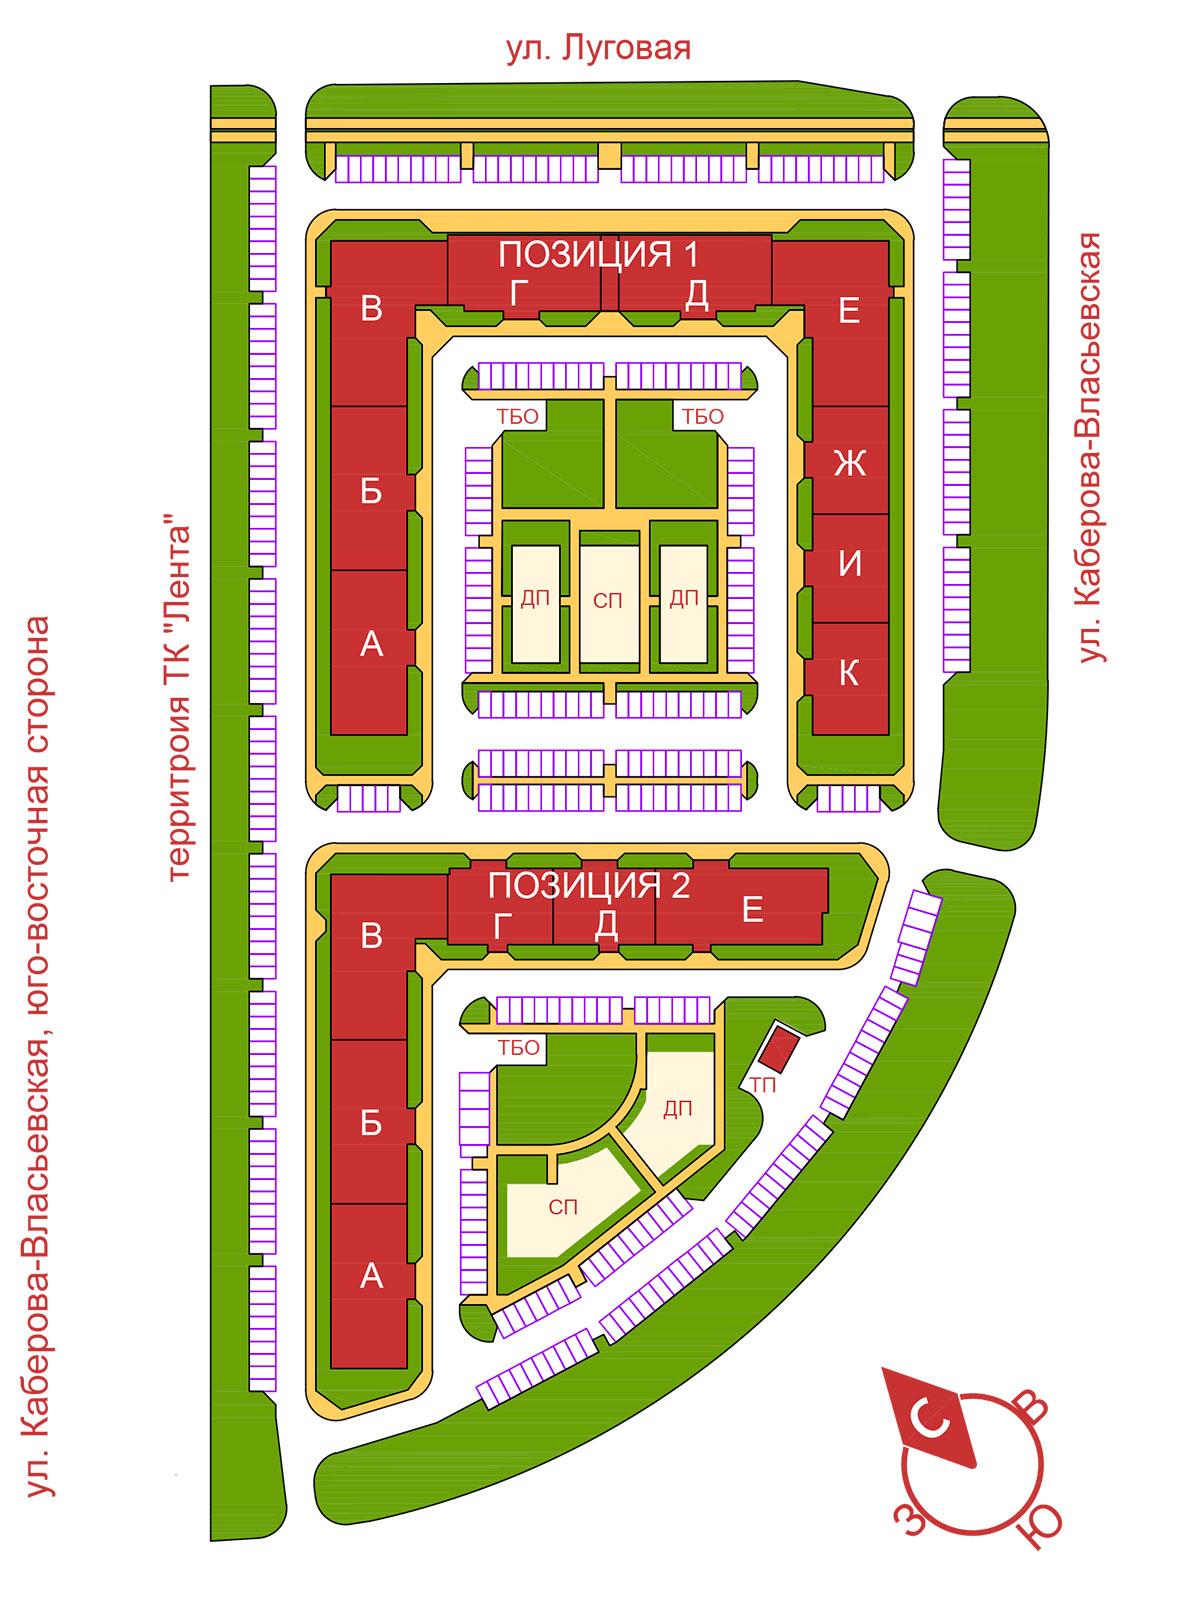 План застройкм объекта ЖК Союз, поз. 1, очередь 1